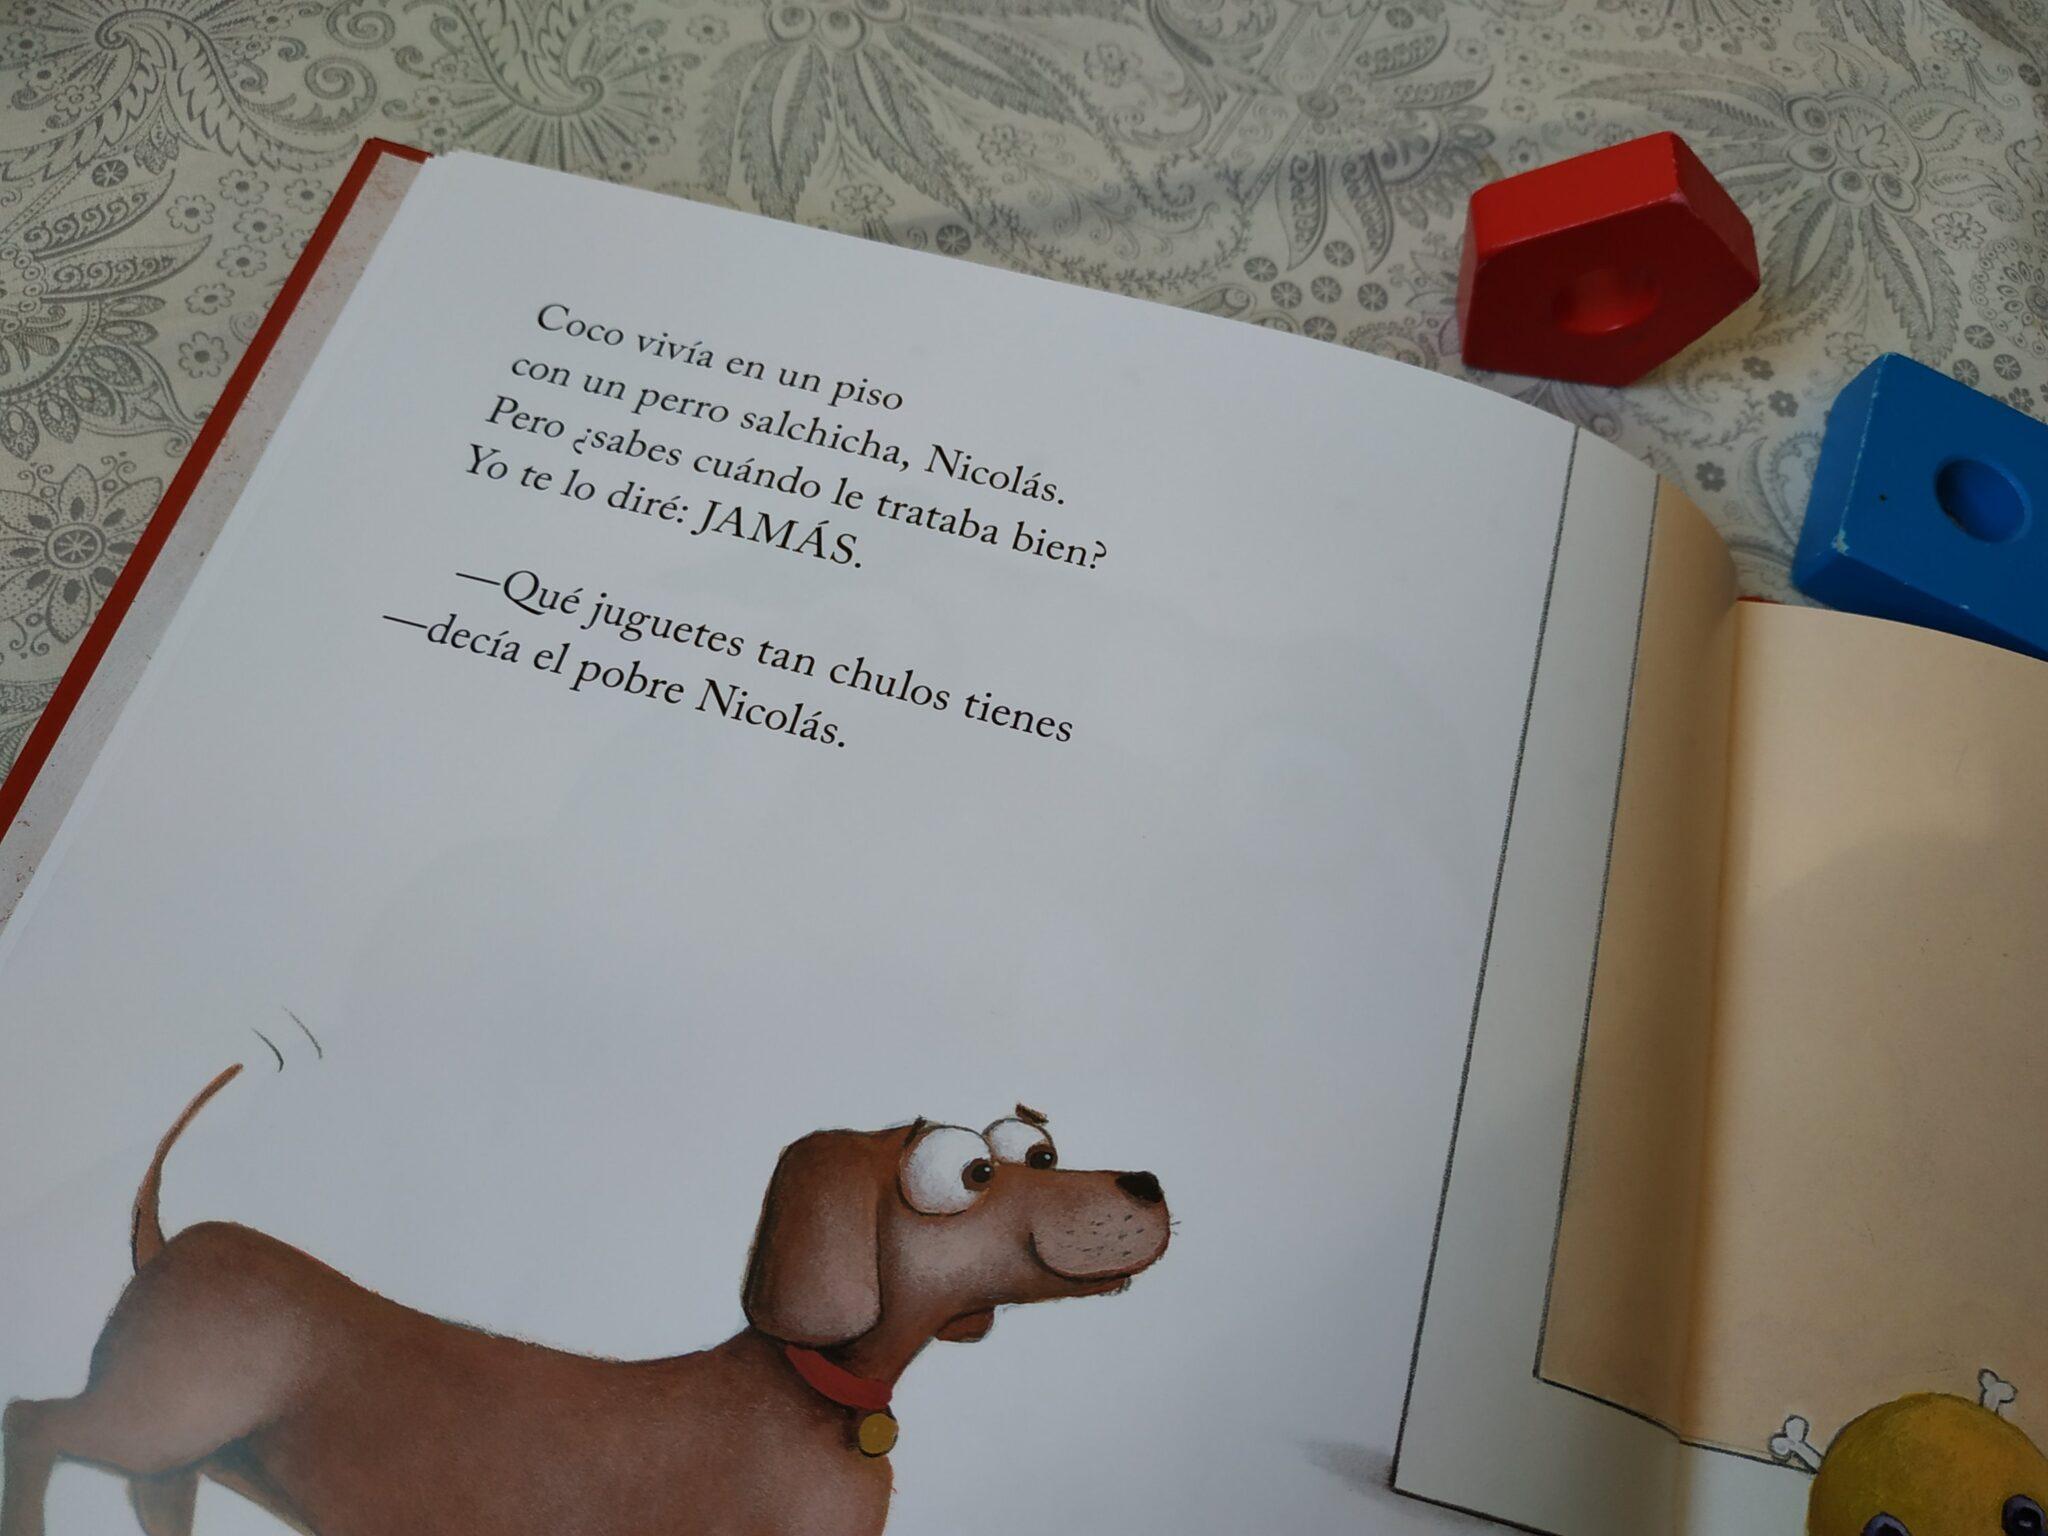 img 20191115 1128388027973879474652635 scaled - Aprende la lección con Coco el perro